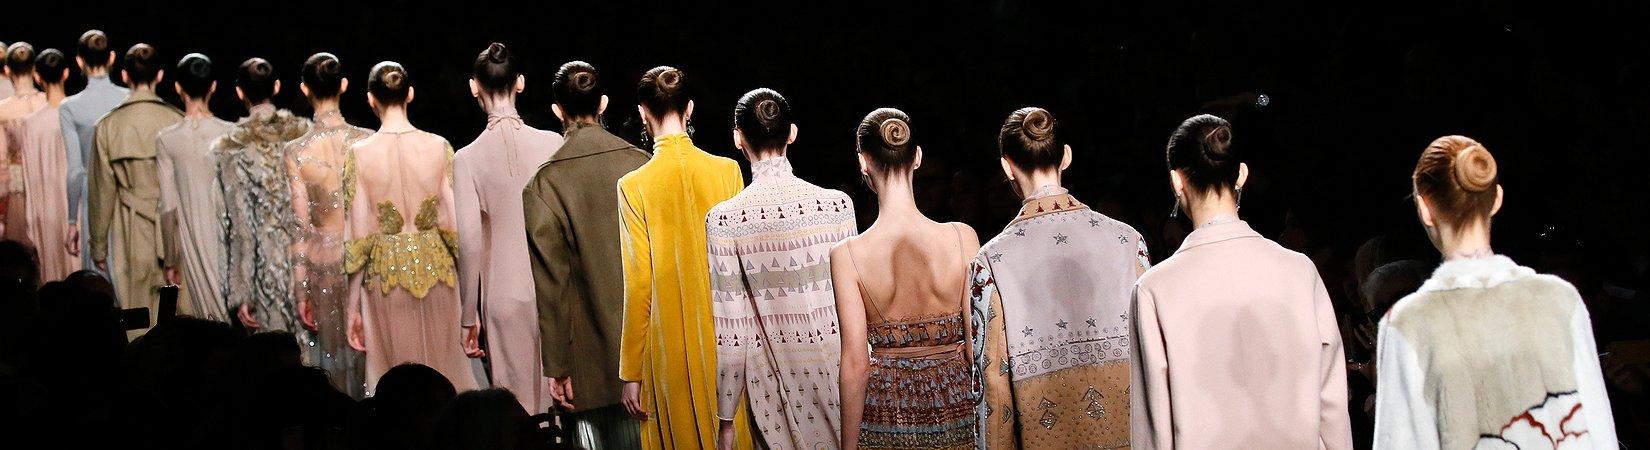 Las marcas de lujo están perdiendo atractivo